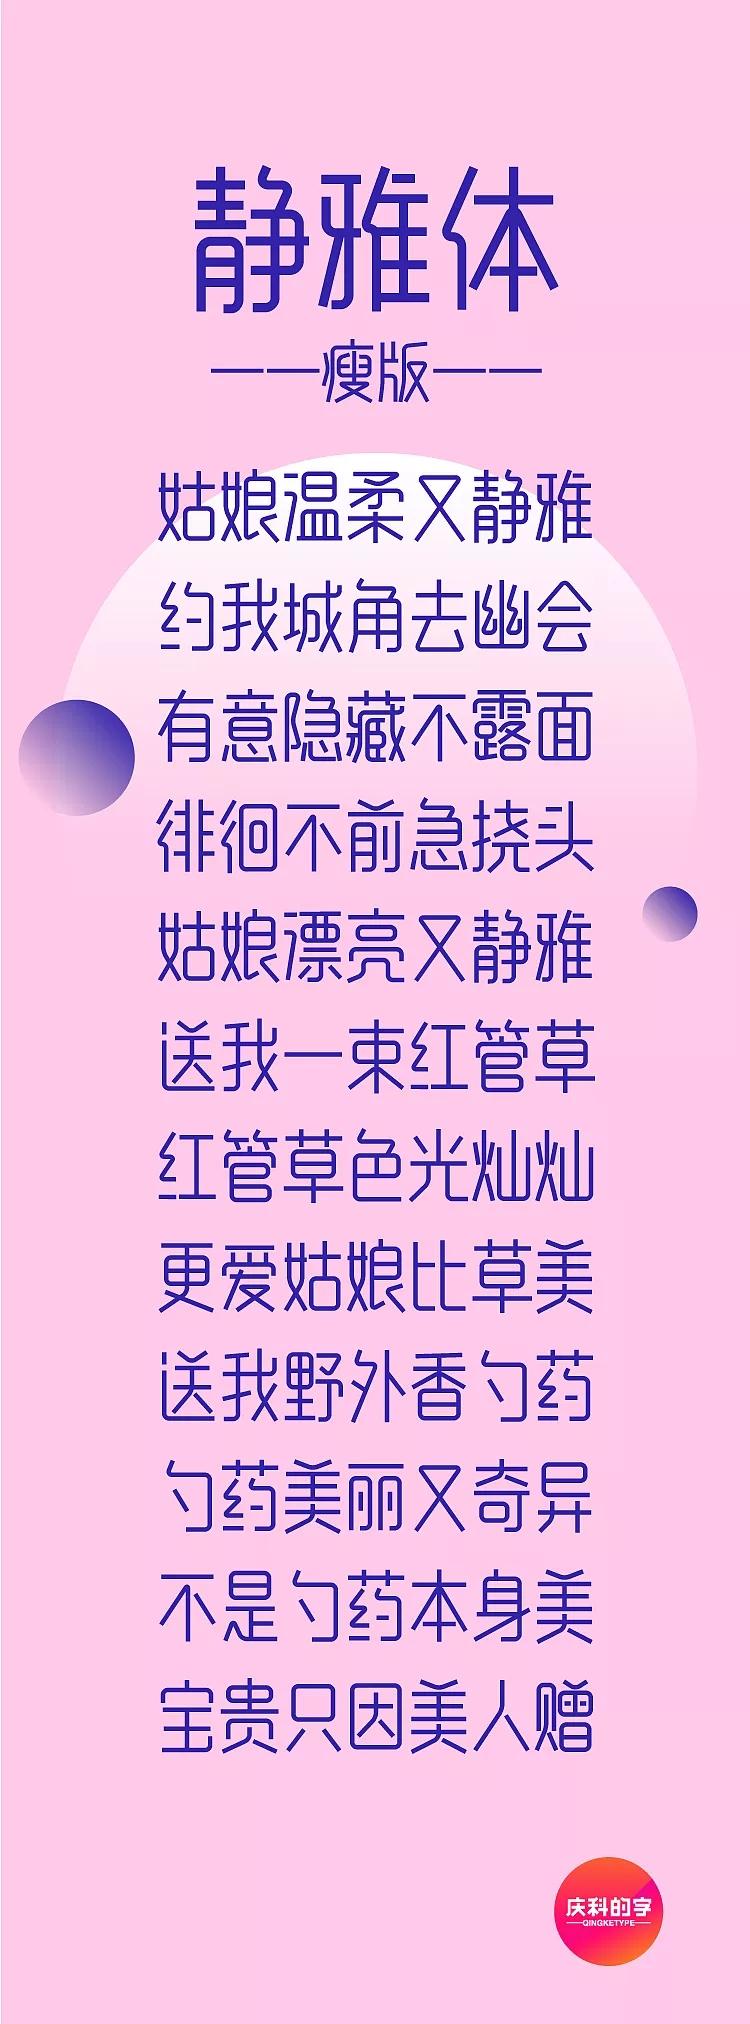 鄭慶科靜雅體字體分享,含下載方式!1